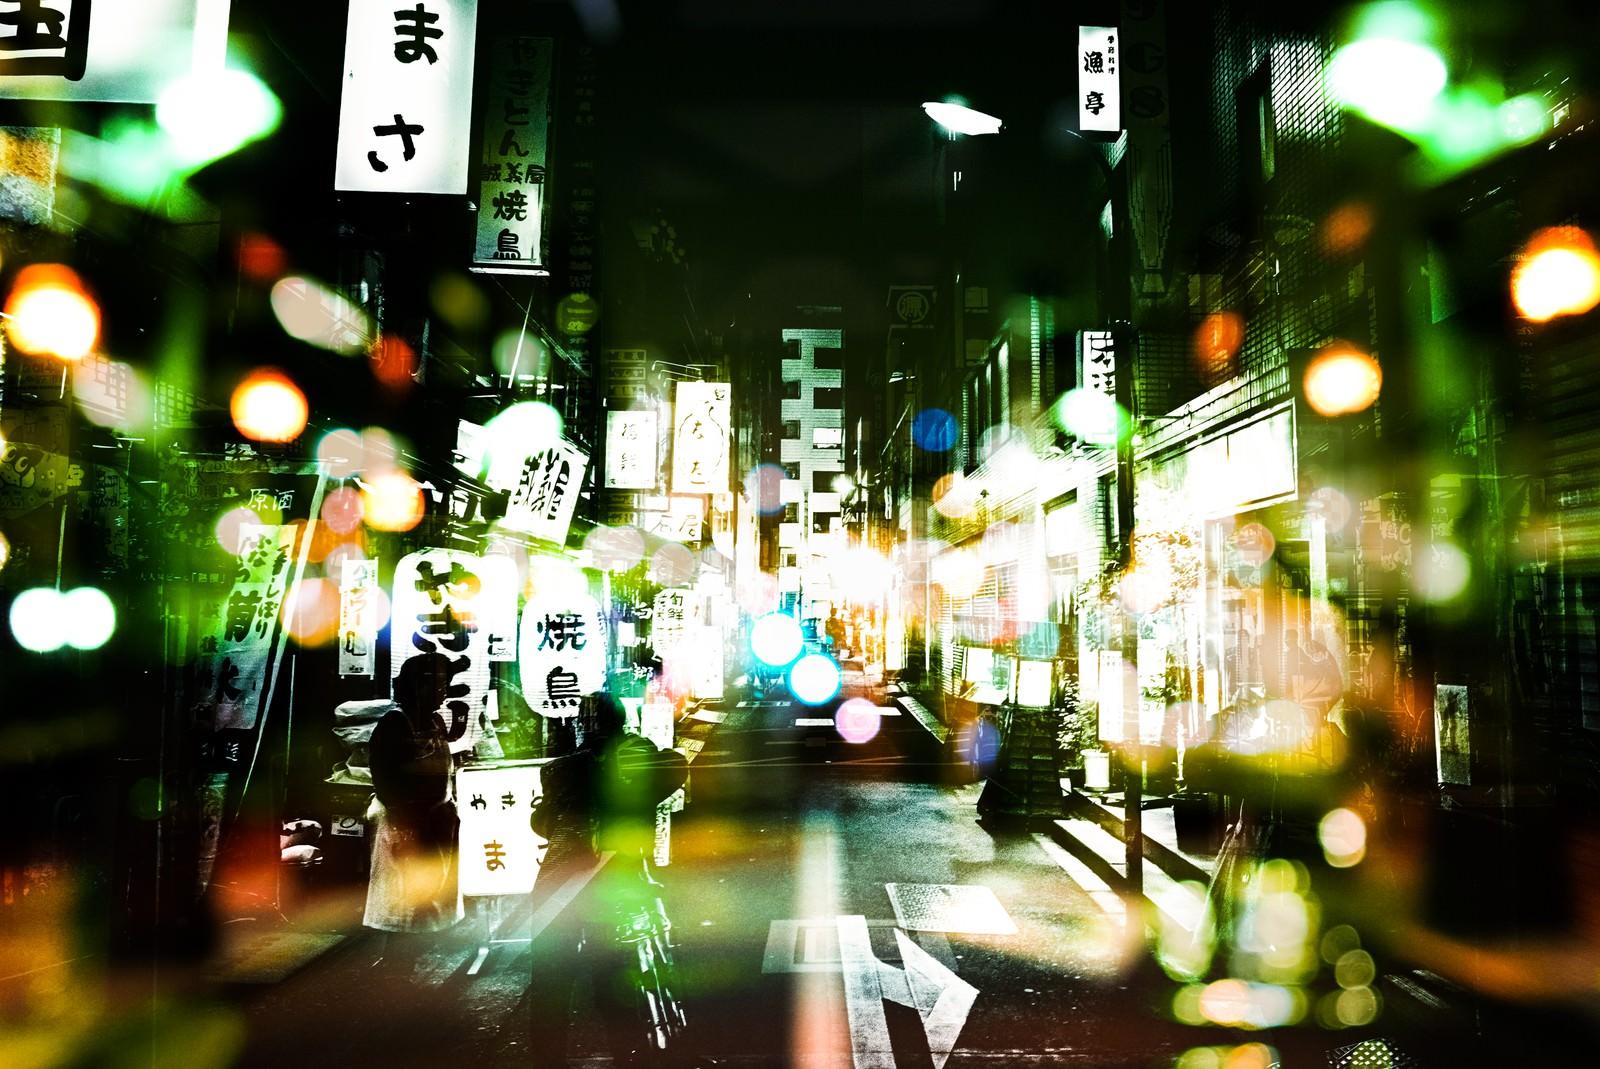 「飲み屋街(フォトモンタージュ)」の写真